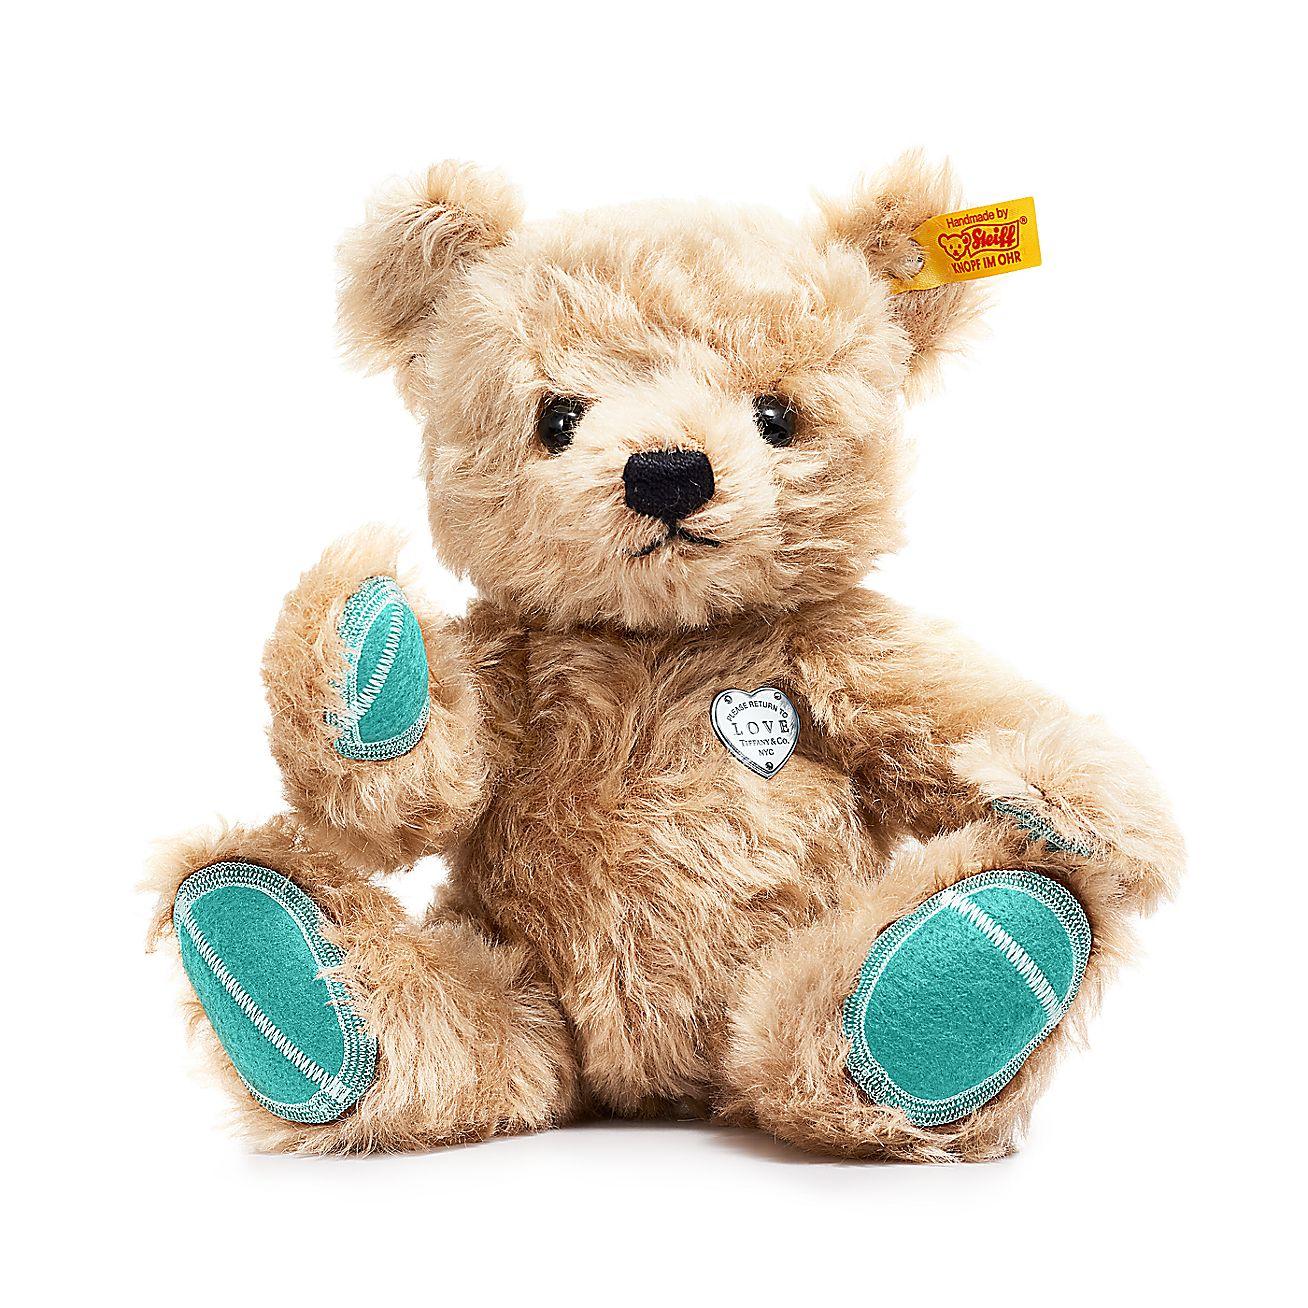 Tiffany x steiff return to tiffany love teddy bear in mohair tiffany x steiff return to tiffany love teddy bear in mohair tiffany co voltagebd Images